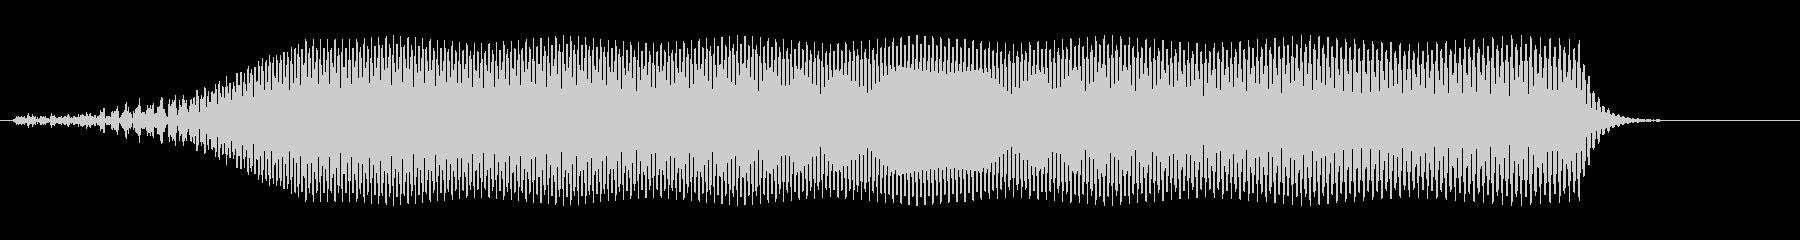 ブーゥ(やる気のない不満を表現)の未再生の波形